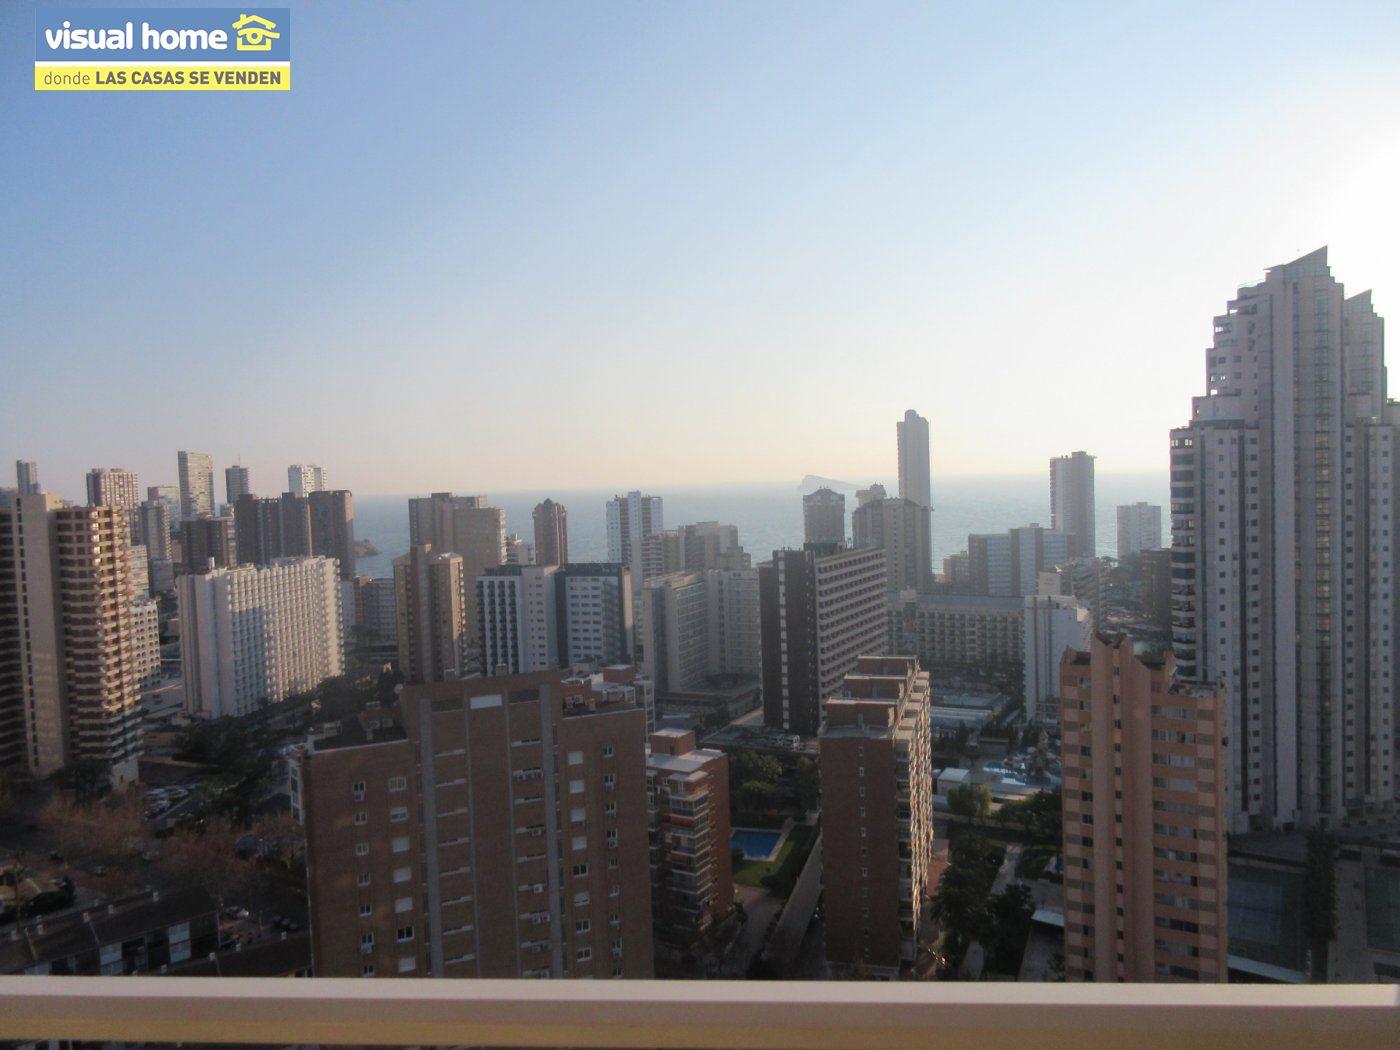 Apartamento 1 dormitorio con vistas espectaculares con parking y piscina en Rincón de Loix llano 31